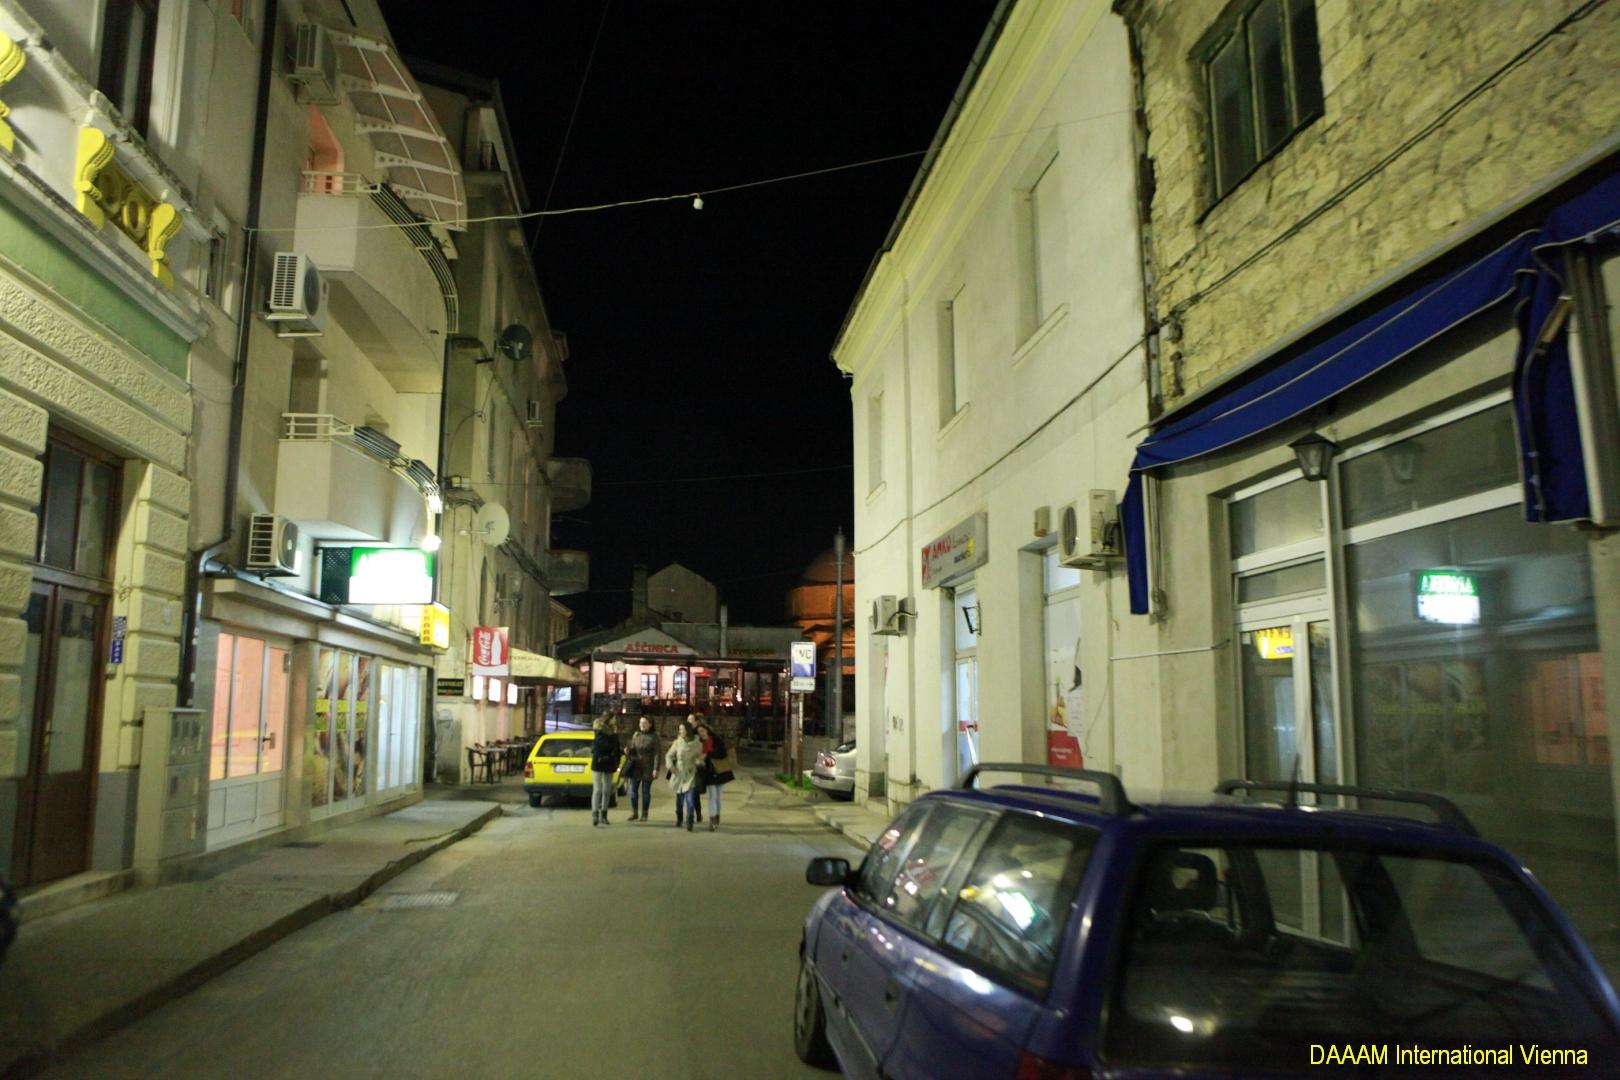 DAAAM_2016_Mostar_01_Magic_City_of_Mostar_182